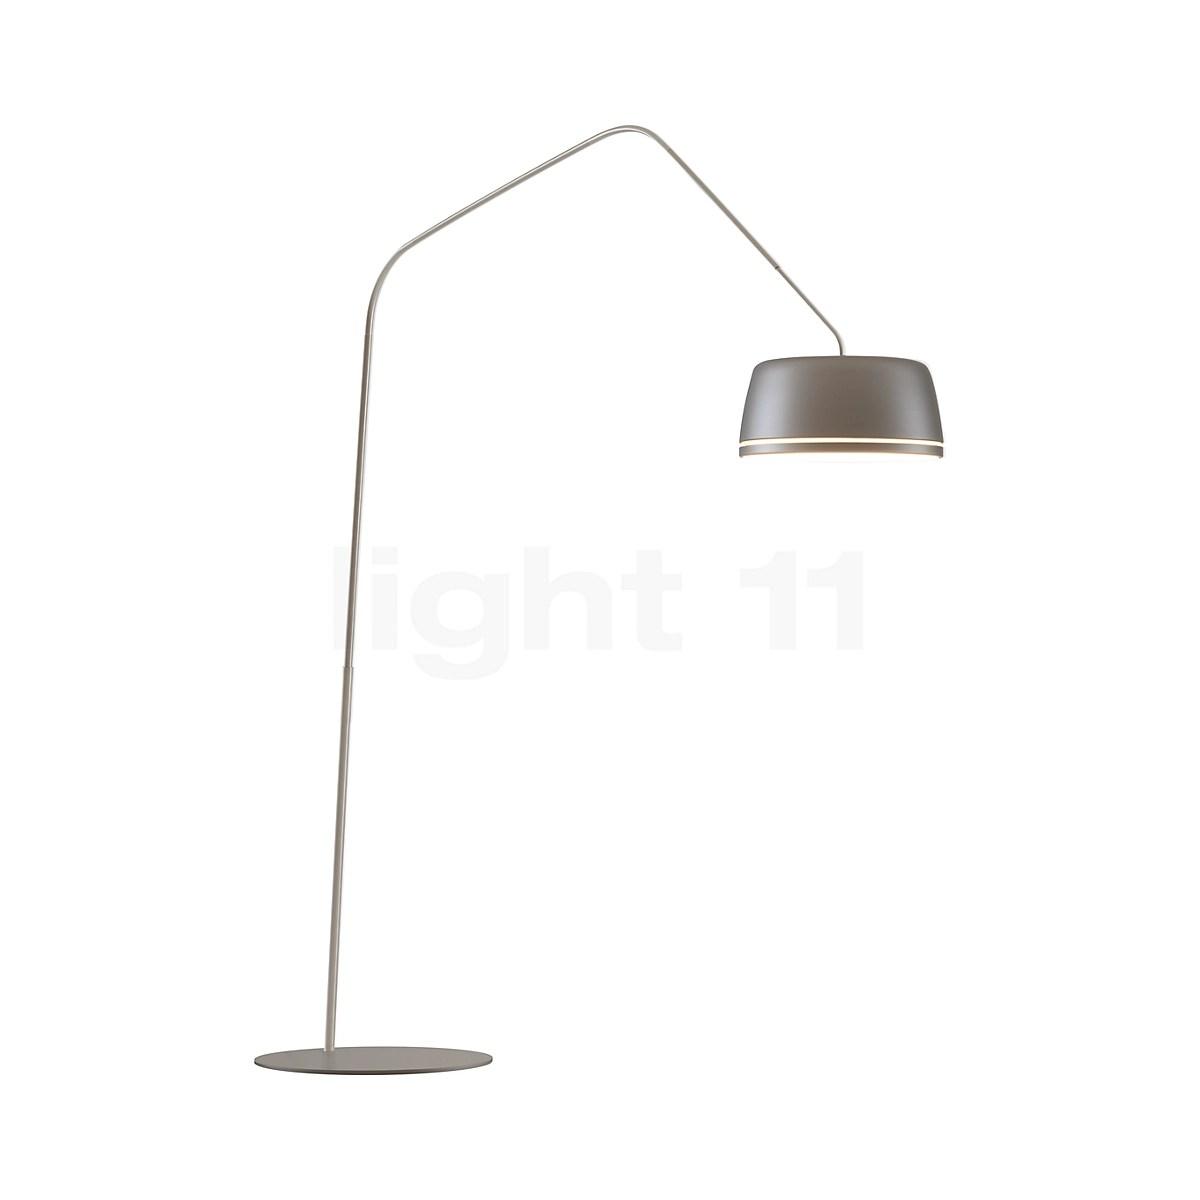 serien lighting central lampadaire arc led avec variateur rotatif